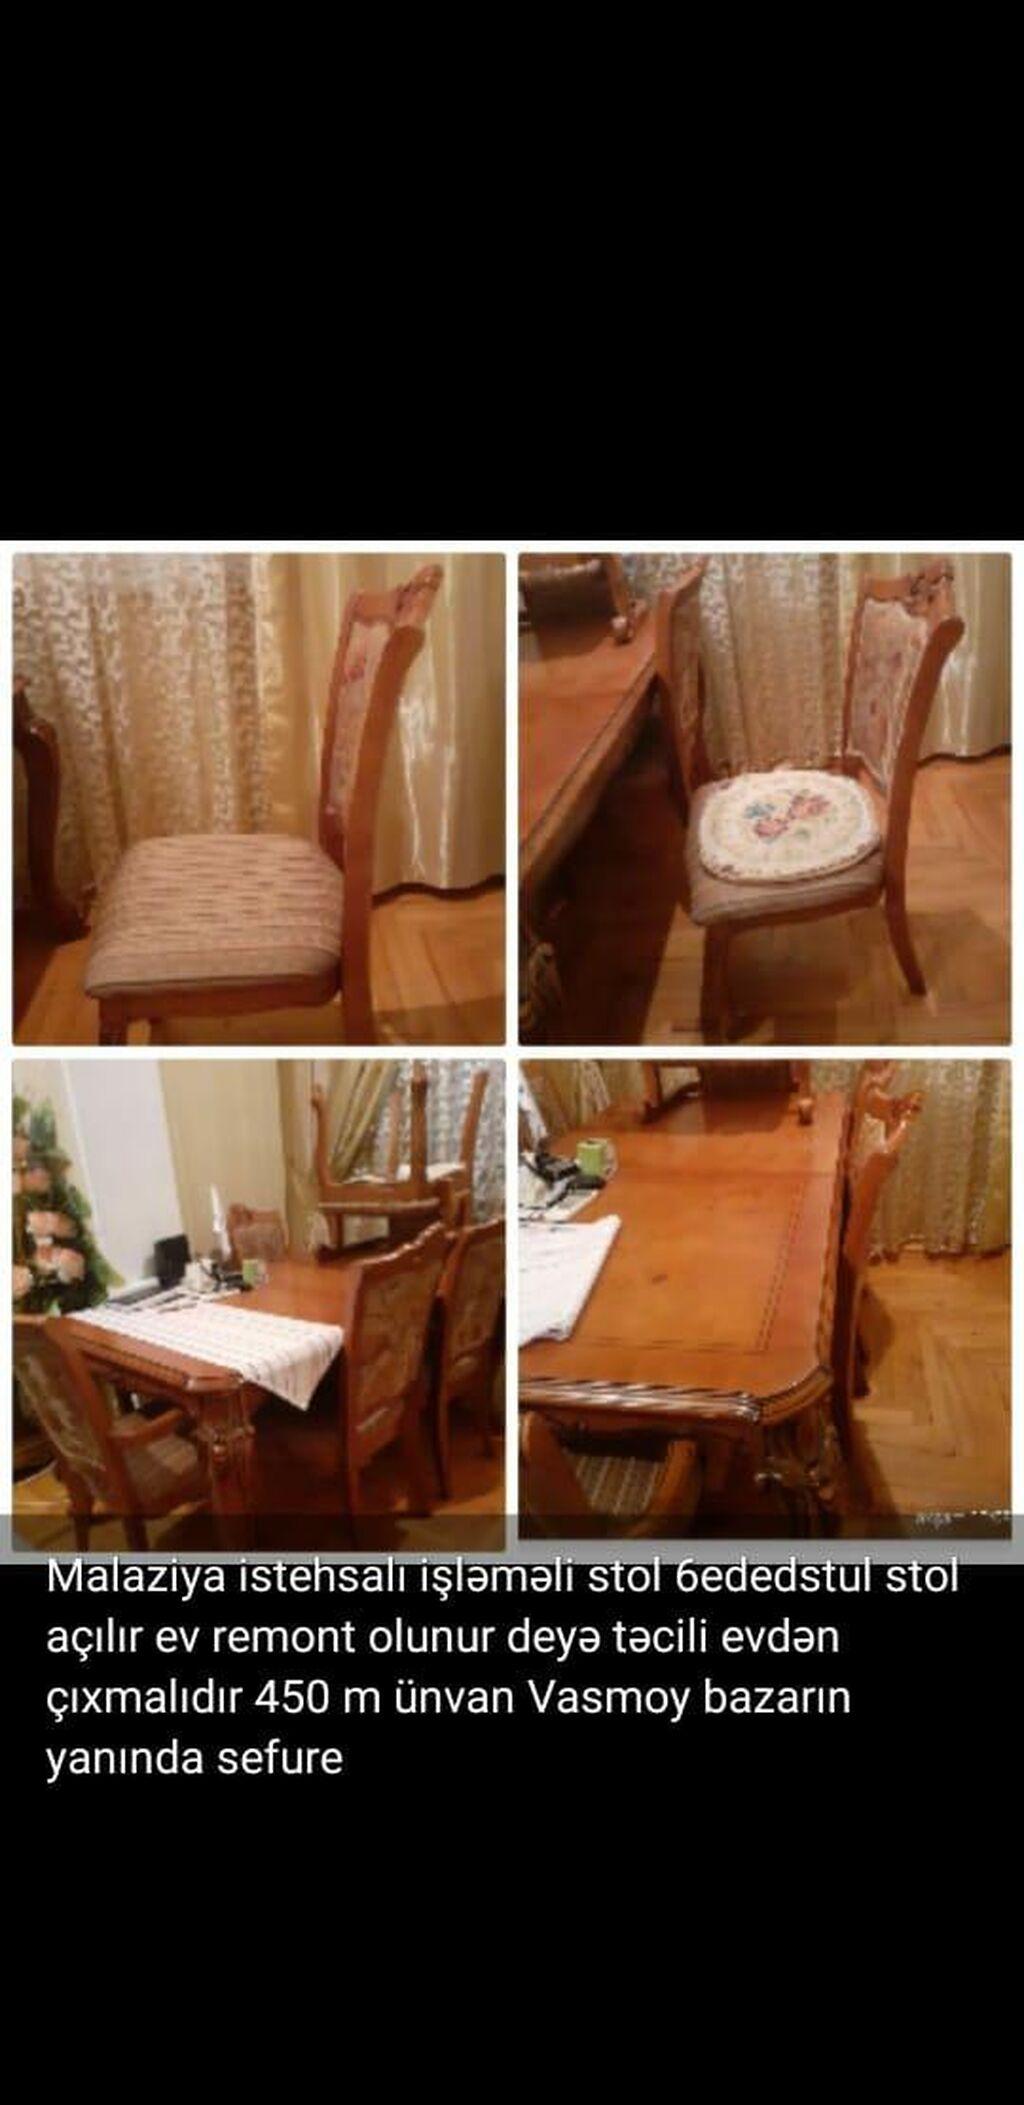 Malaziya istehsalı stol 6 stul yaxşı vəziyyətdədi 400 m ünvan Vasmoy bazarın yanında